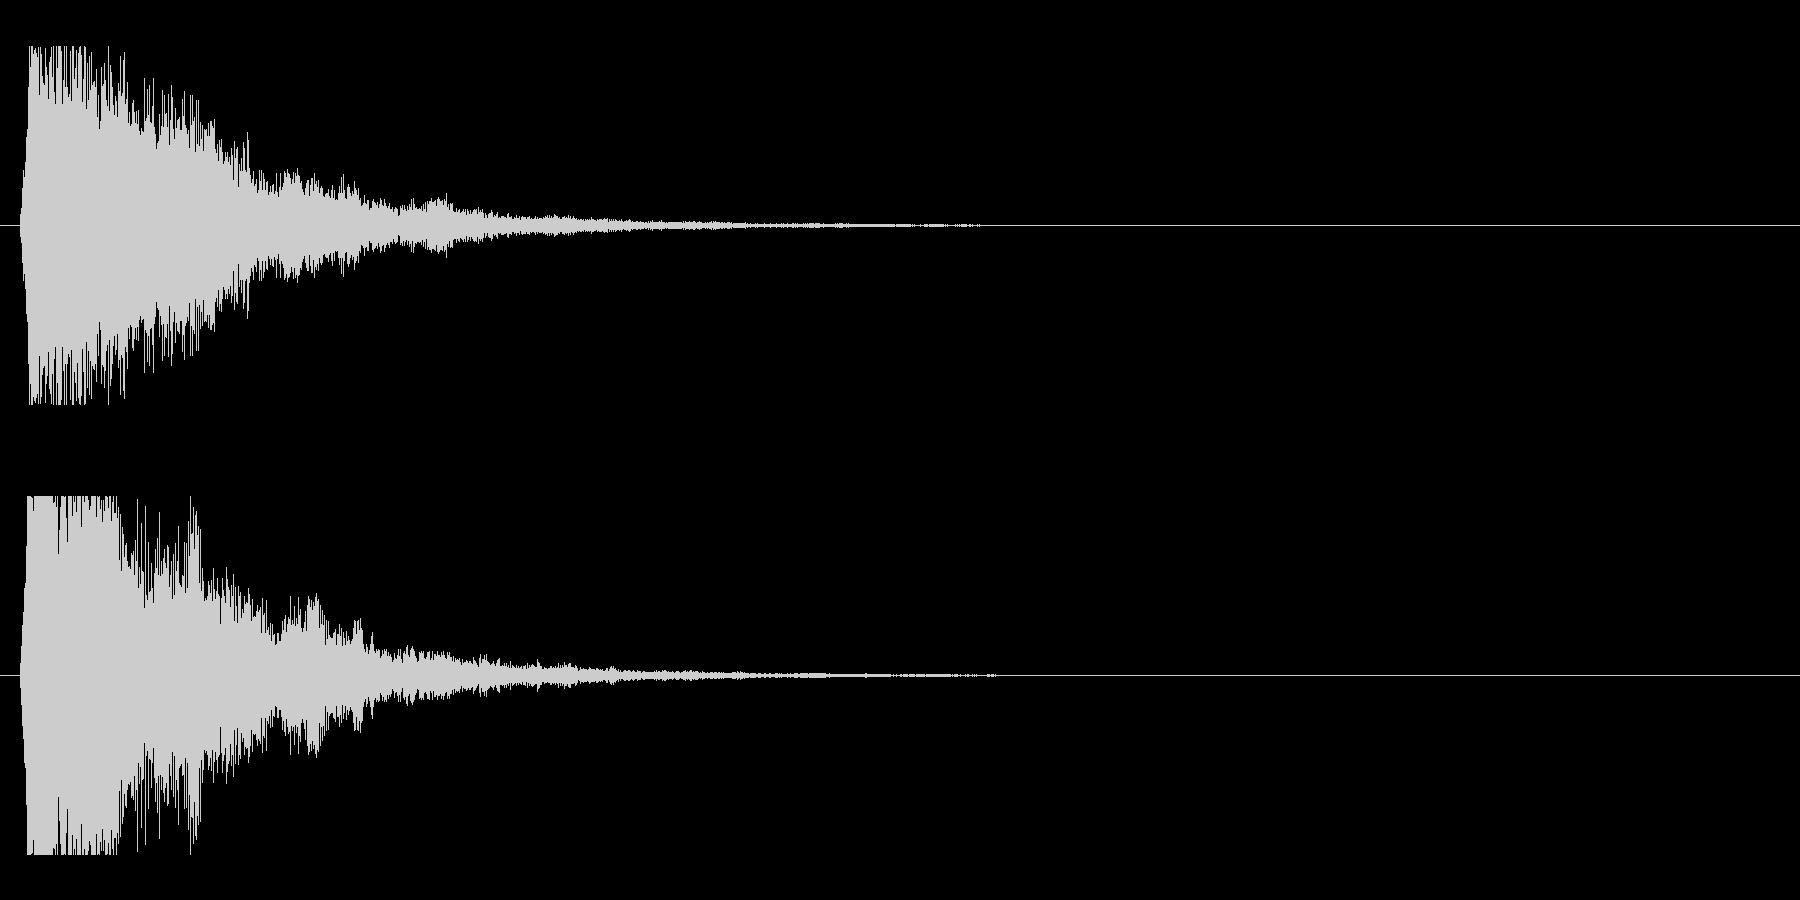 レーザー音-49-2の未再生の波形